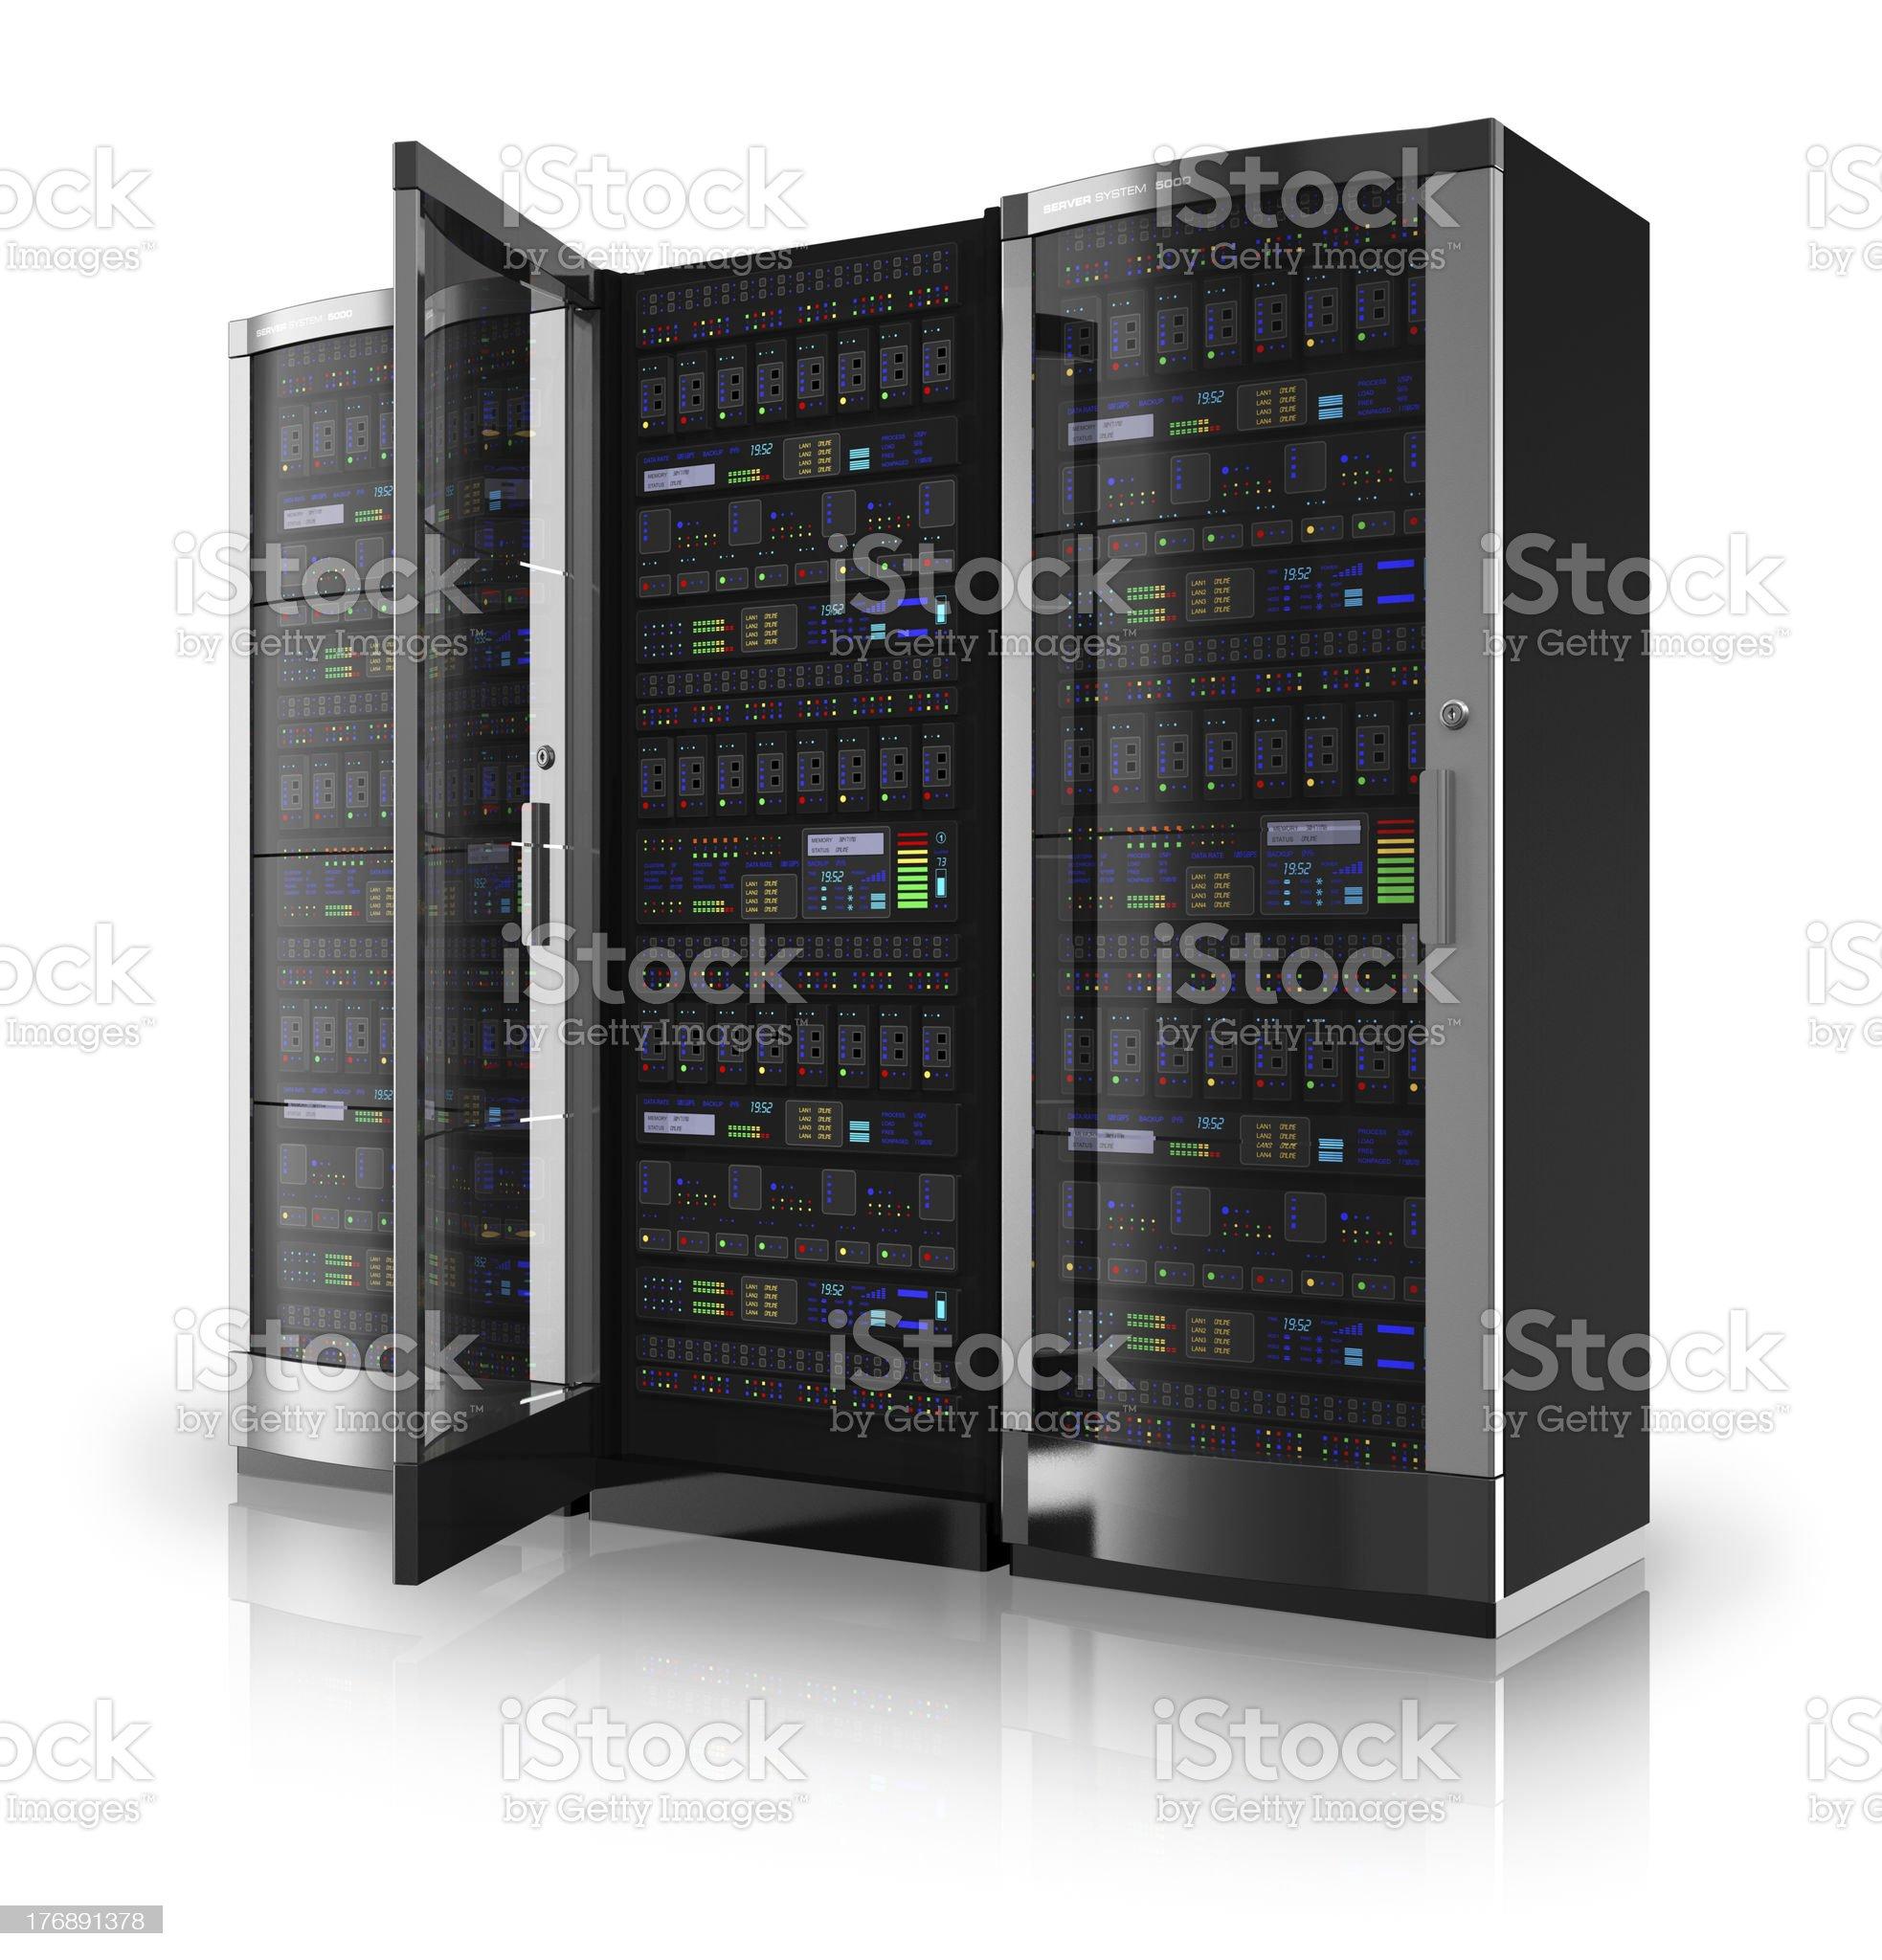 Server racks with open door royalty-free stock photo